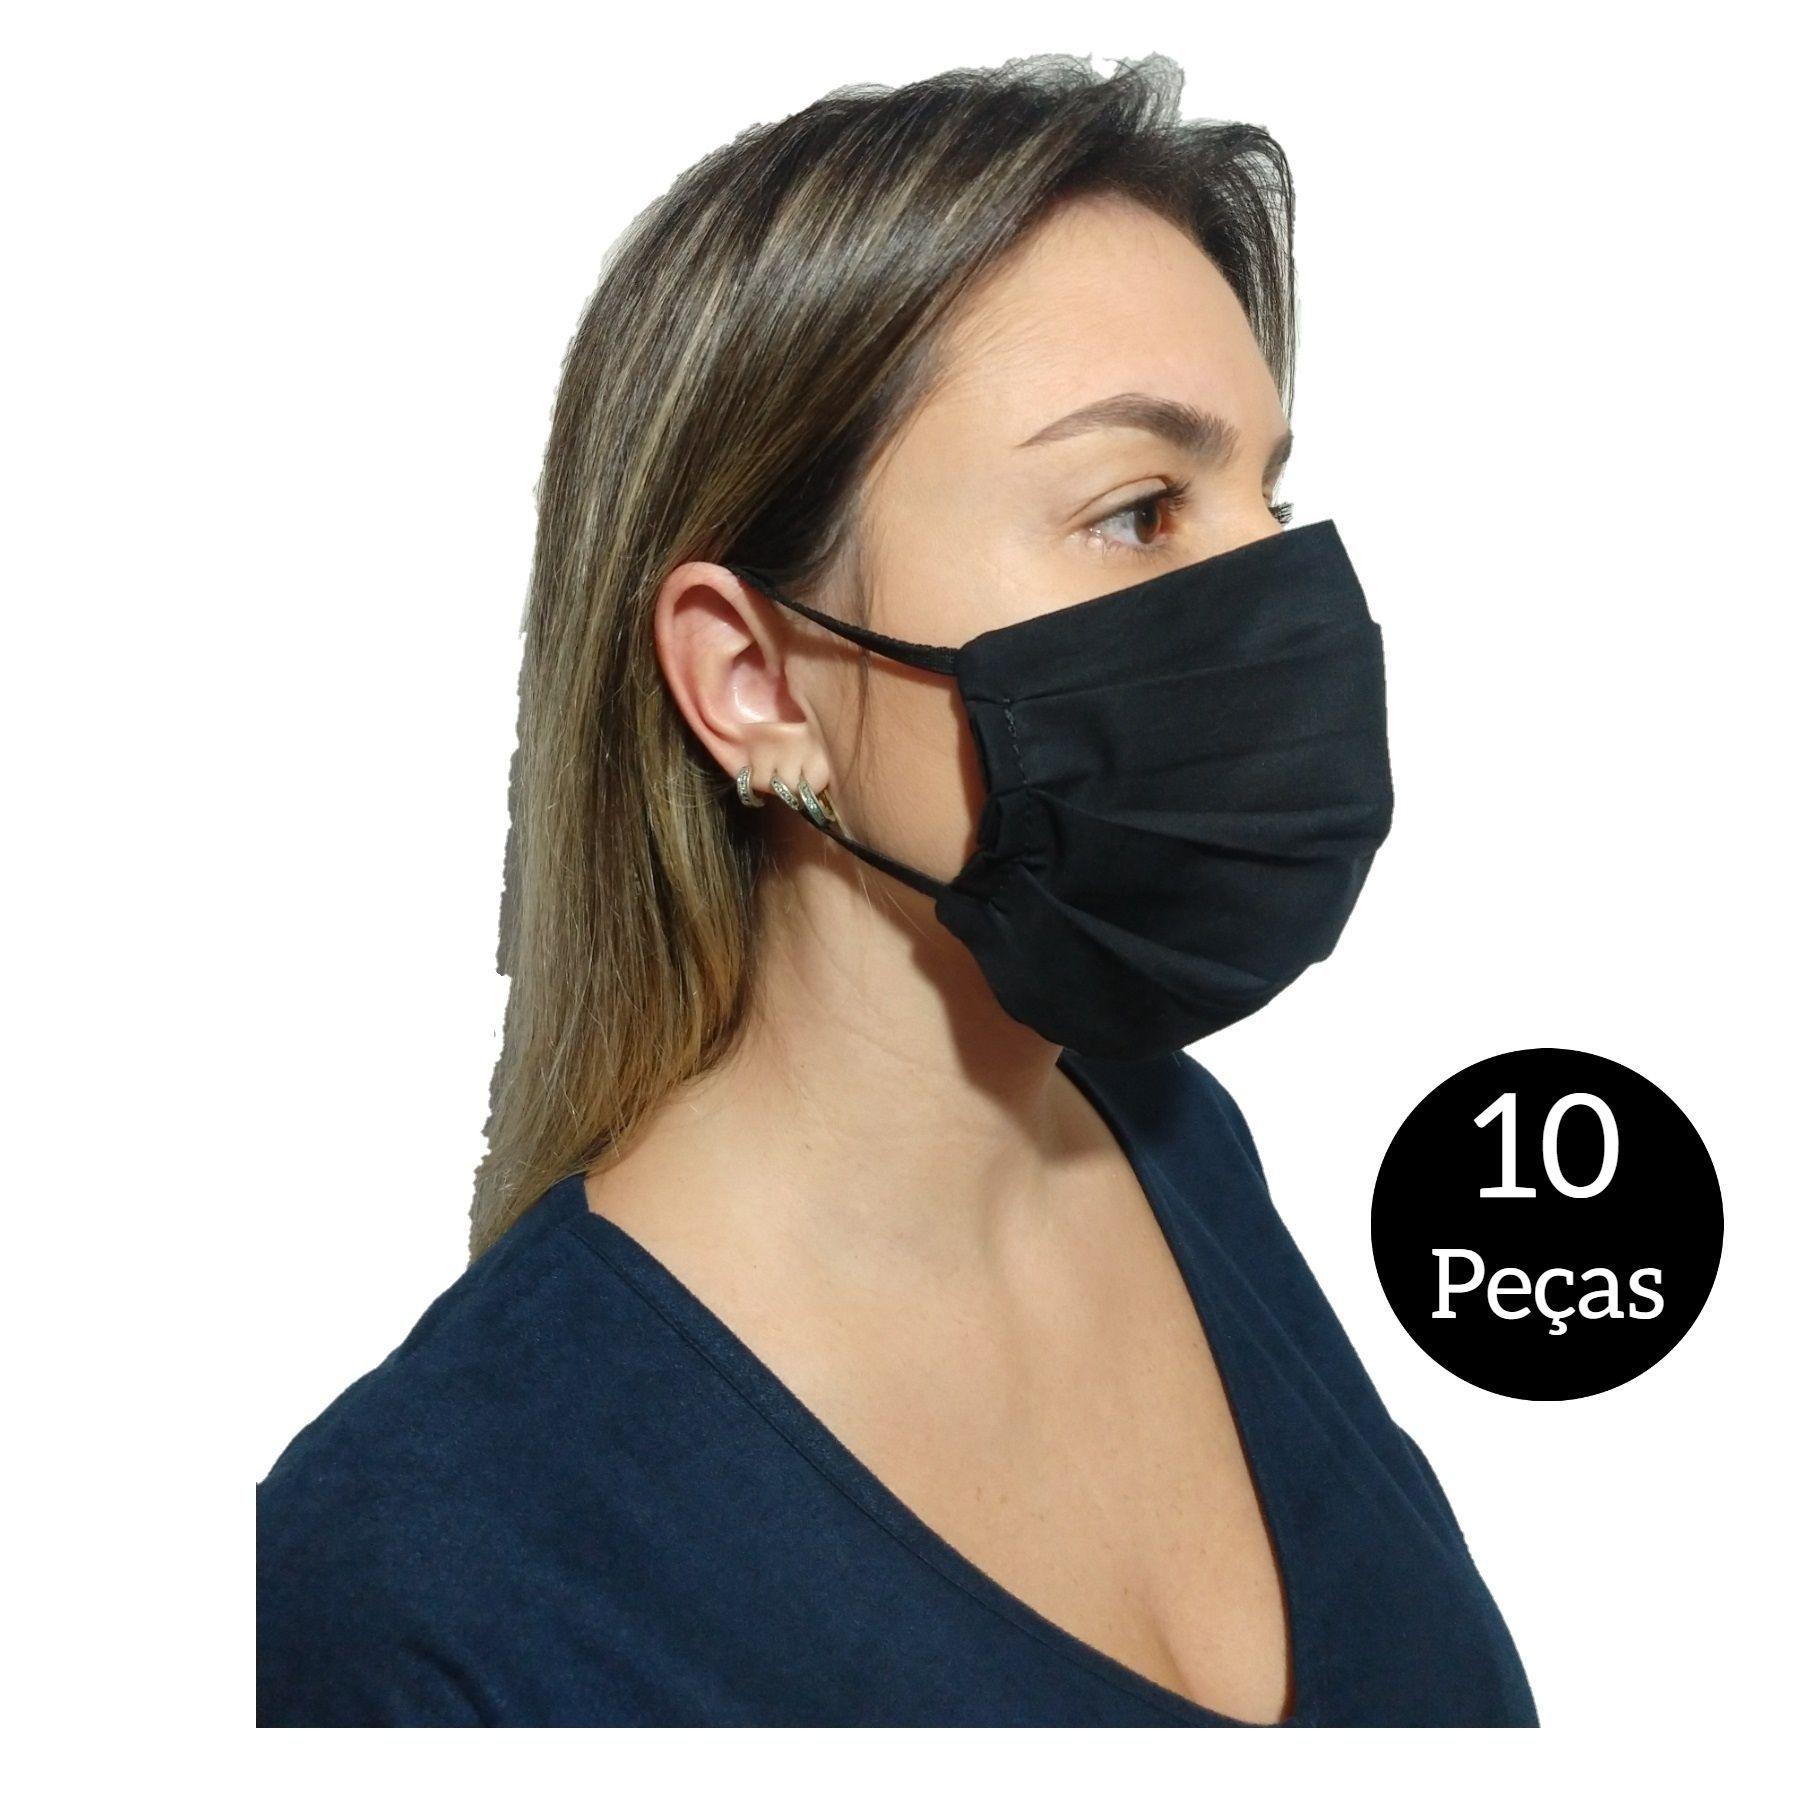 Kit com 10 Máscaras De Proteção Tecido Lavável  - SAPATOWEB.COM